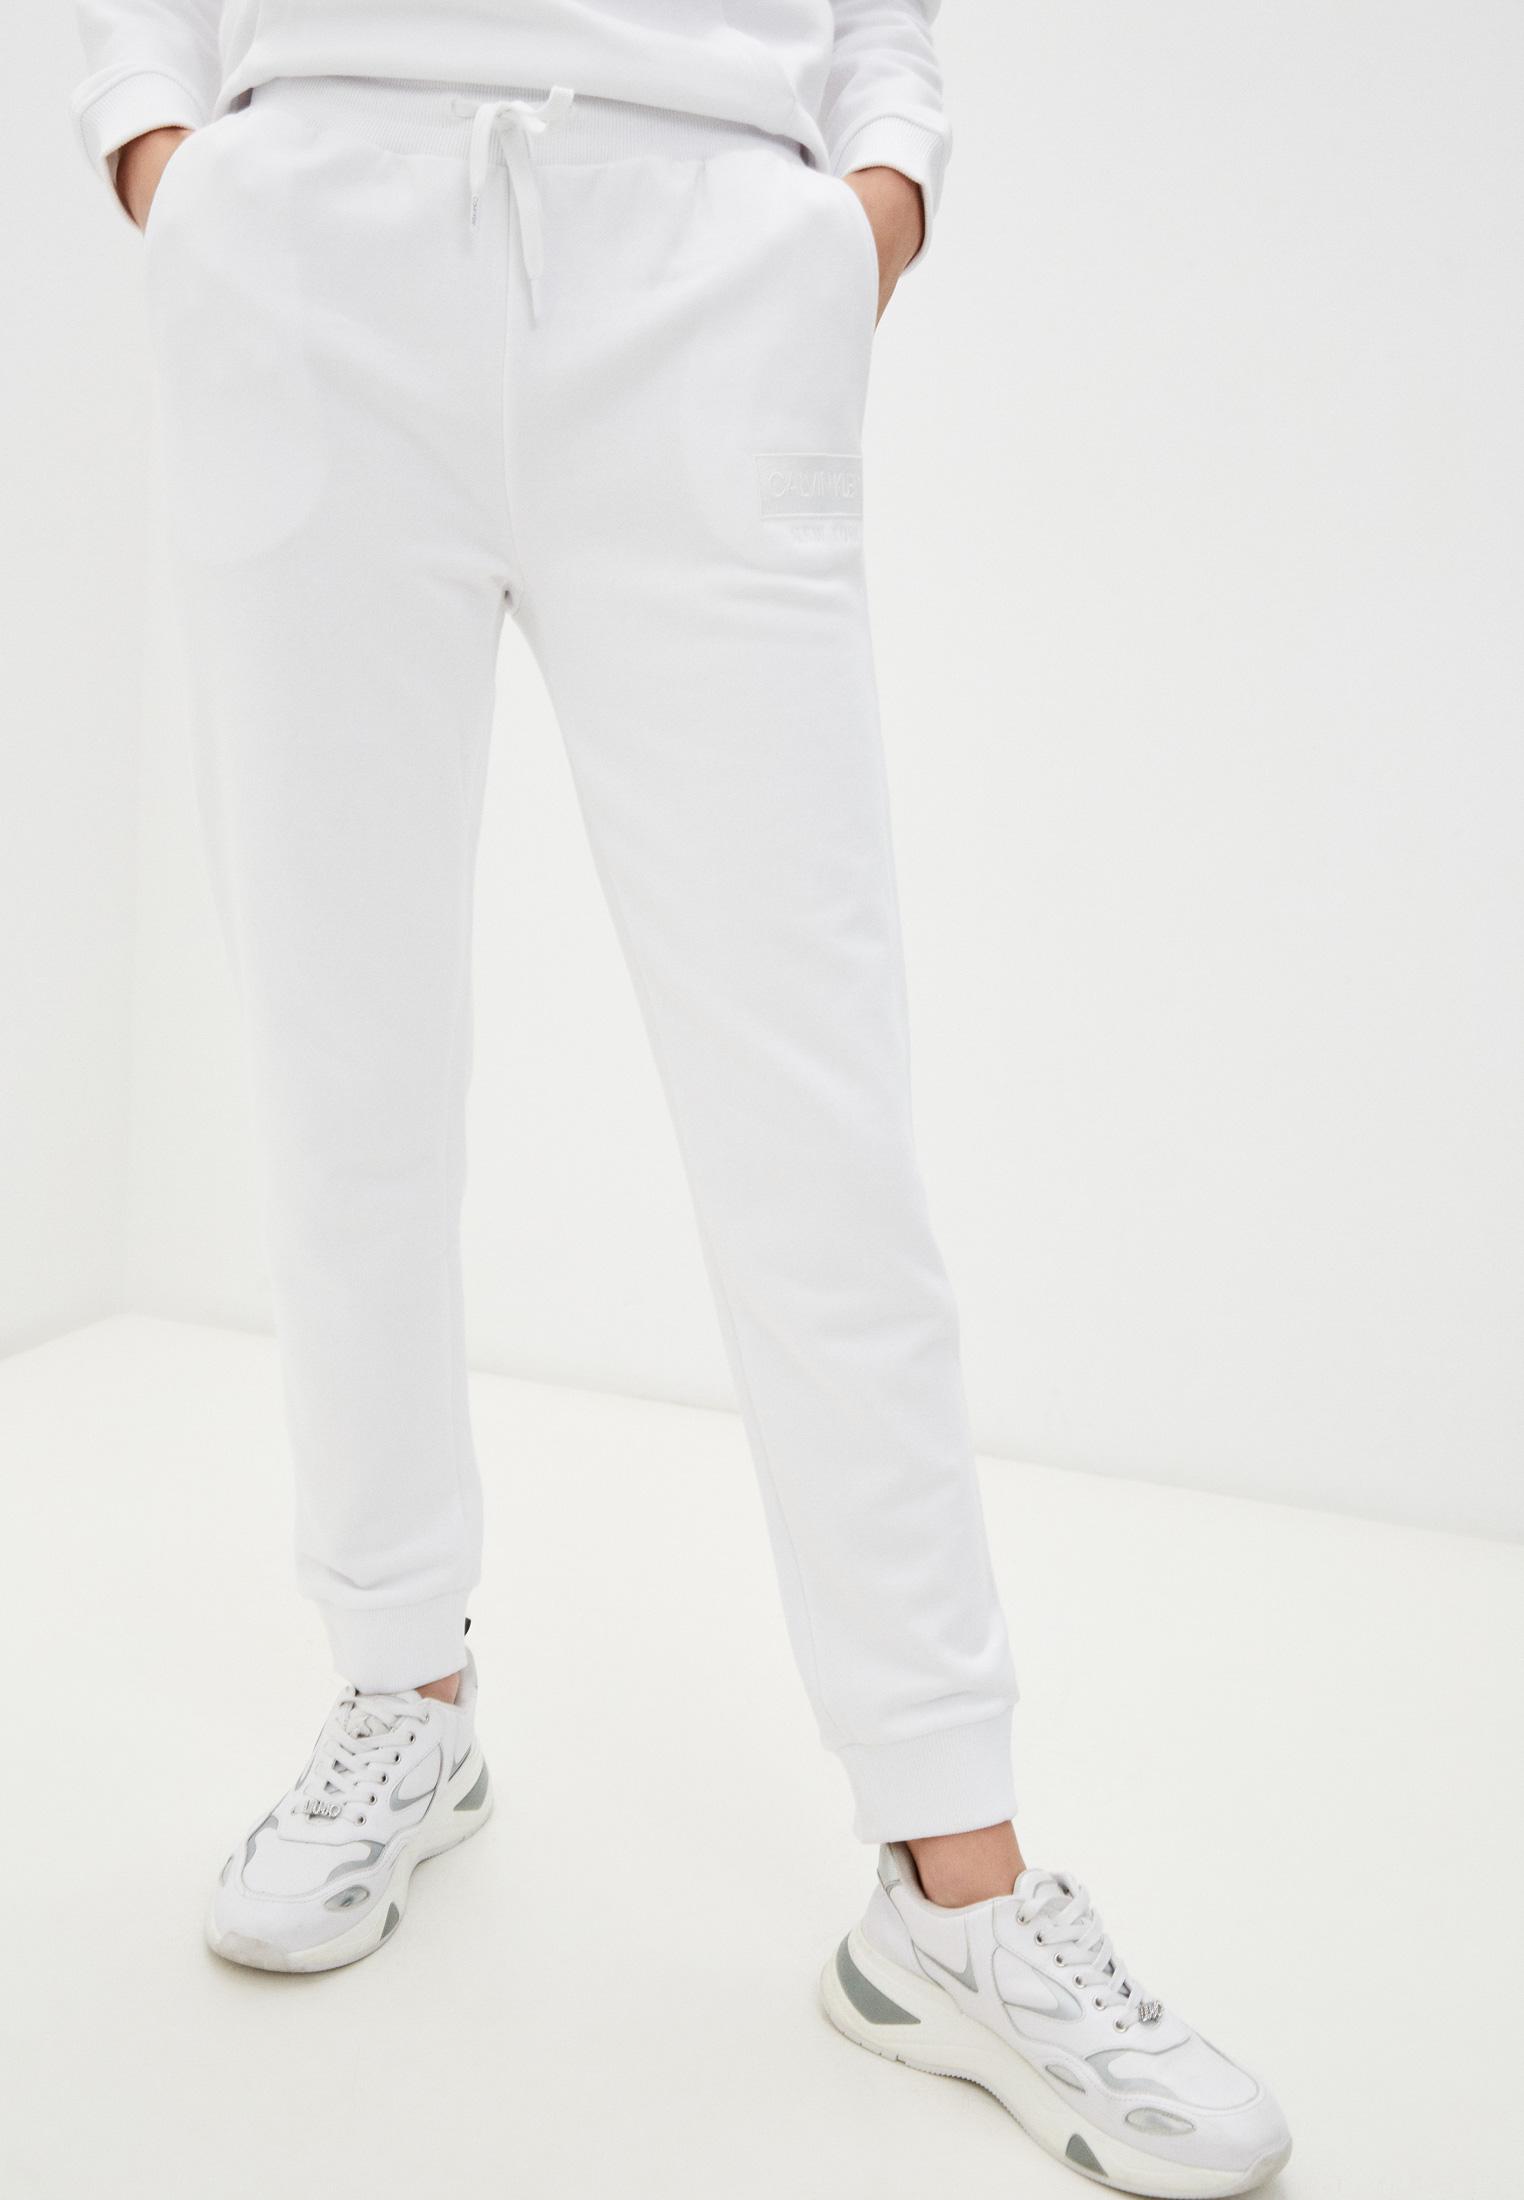 Женские спортивные брюки Calvin Klein (Кельвин Кляйн) Брюки спортивные Calvin Klein